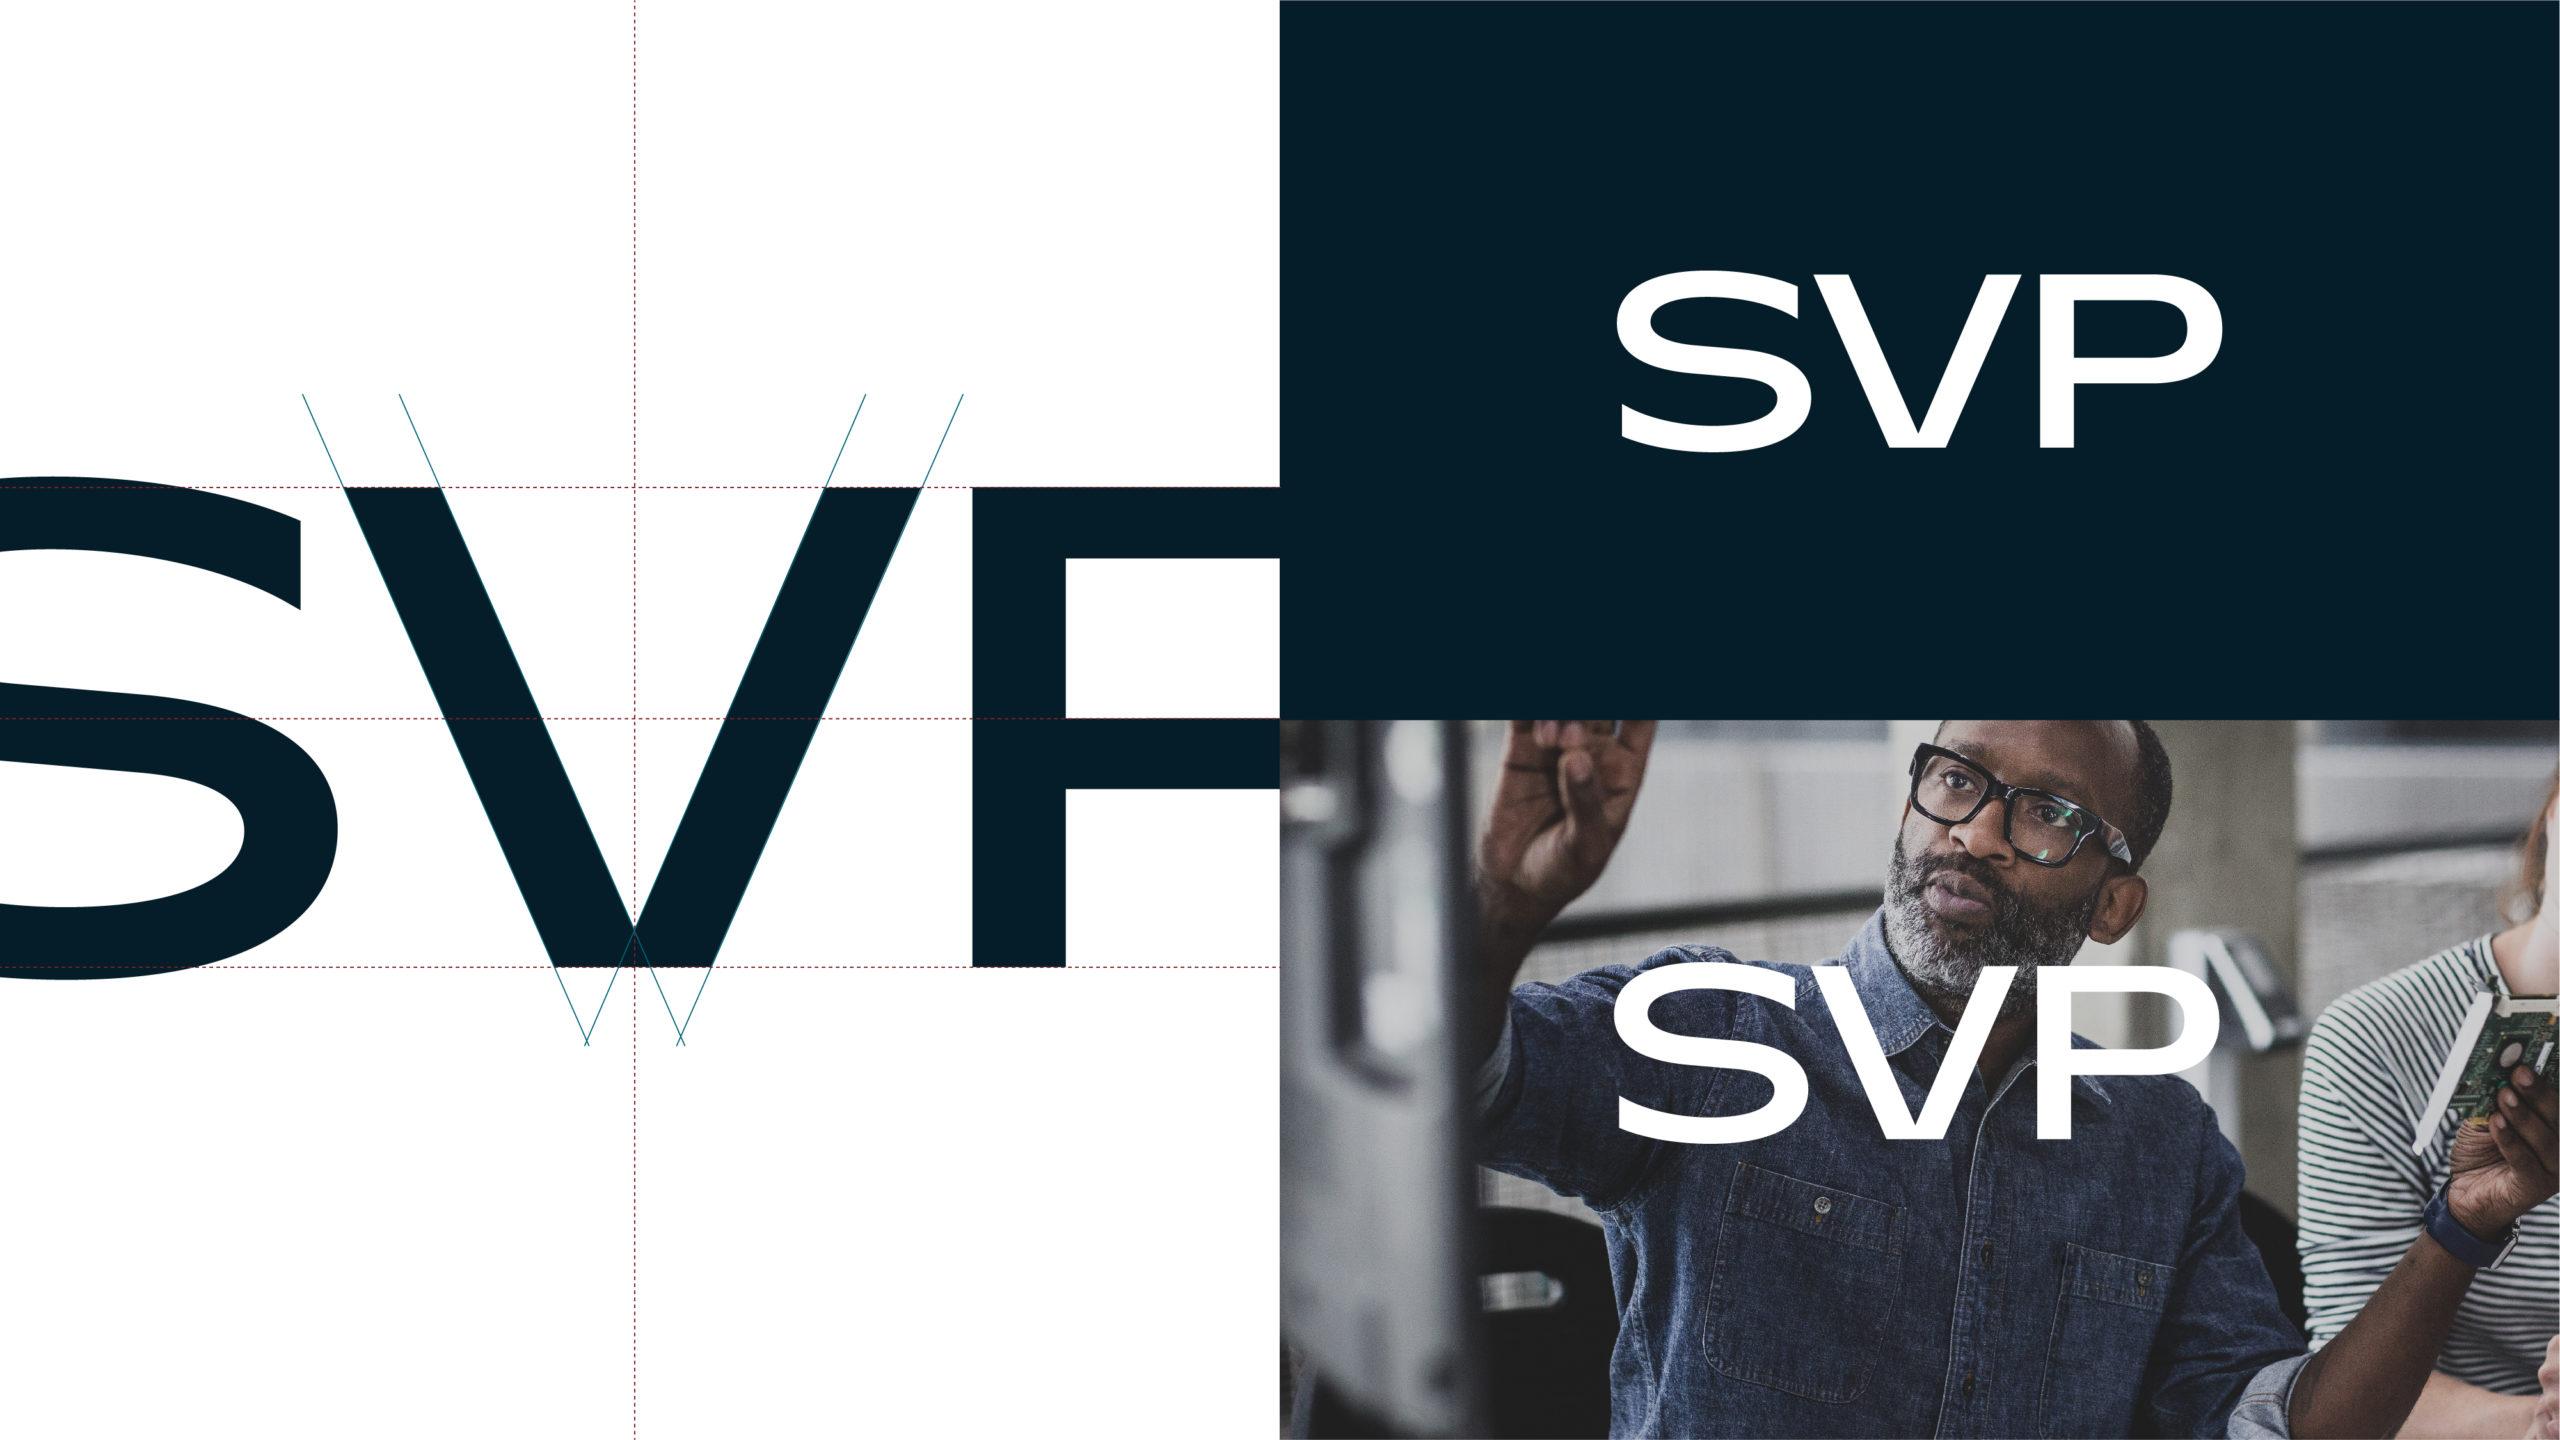 Structure du logotype SVP